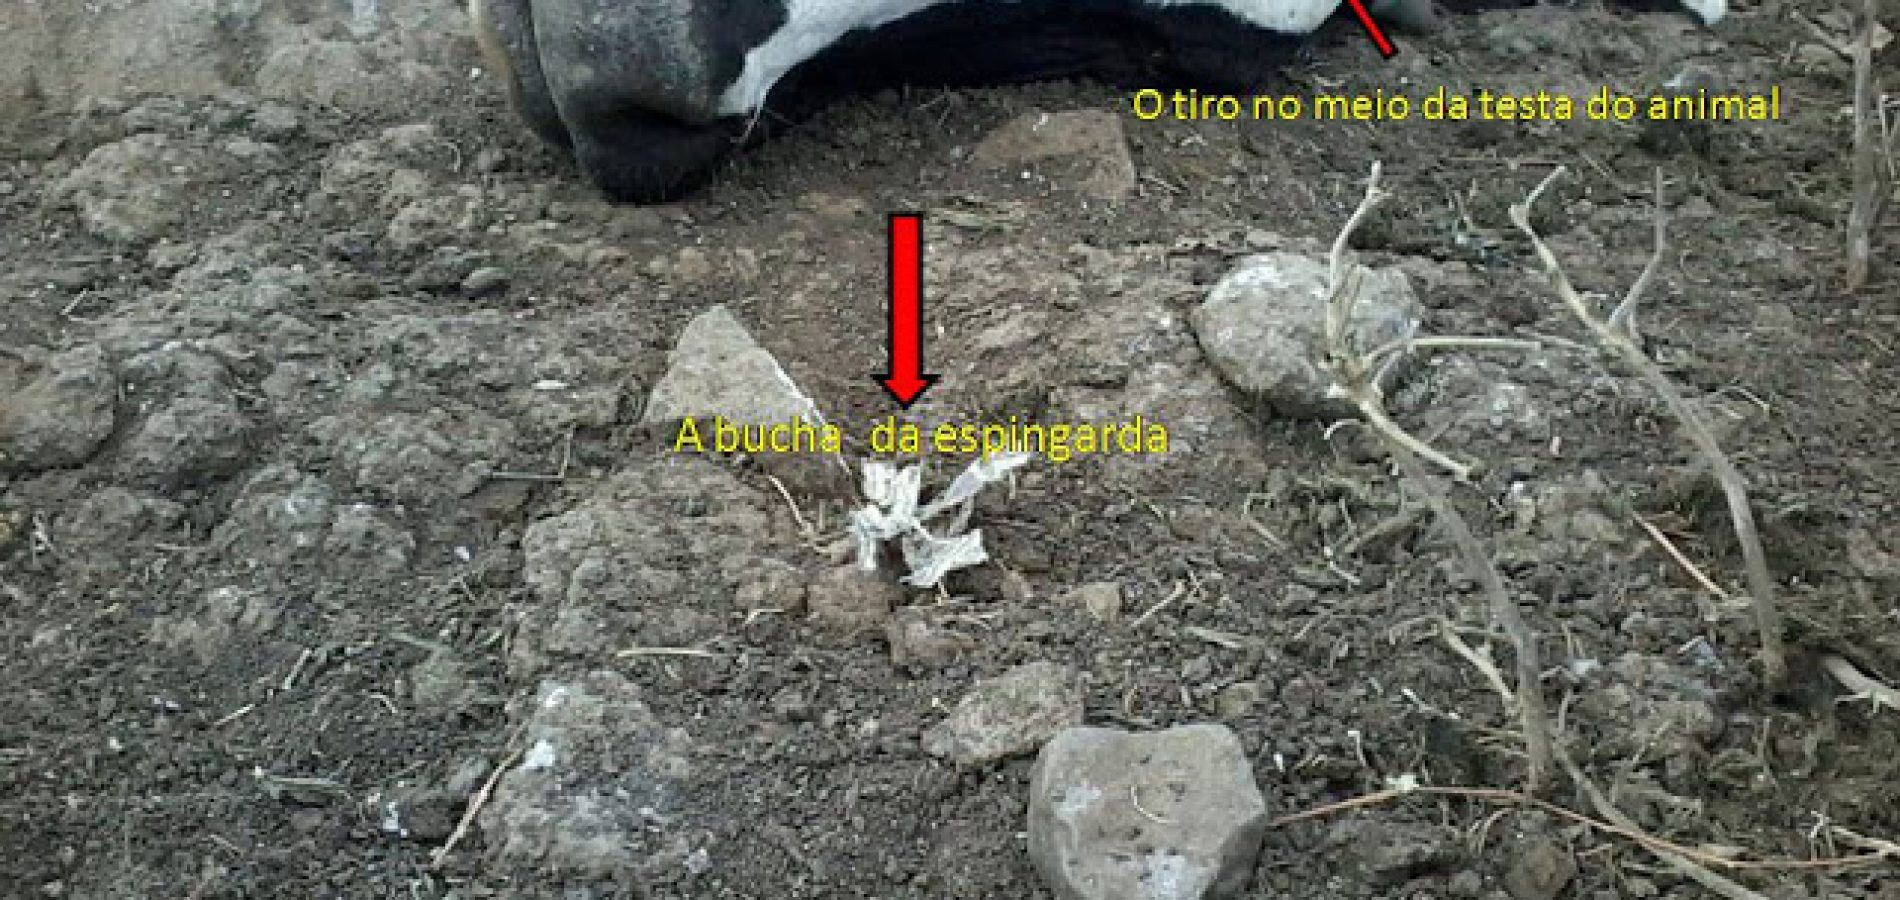 Criador denuncia furtos e mortes de animais com tiros de arma de fogo no interior do Piauí